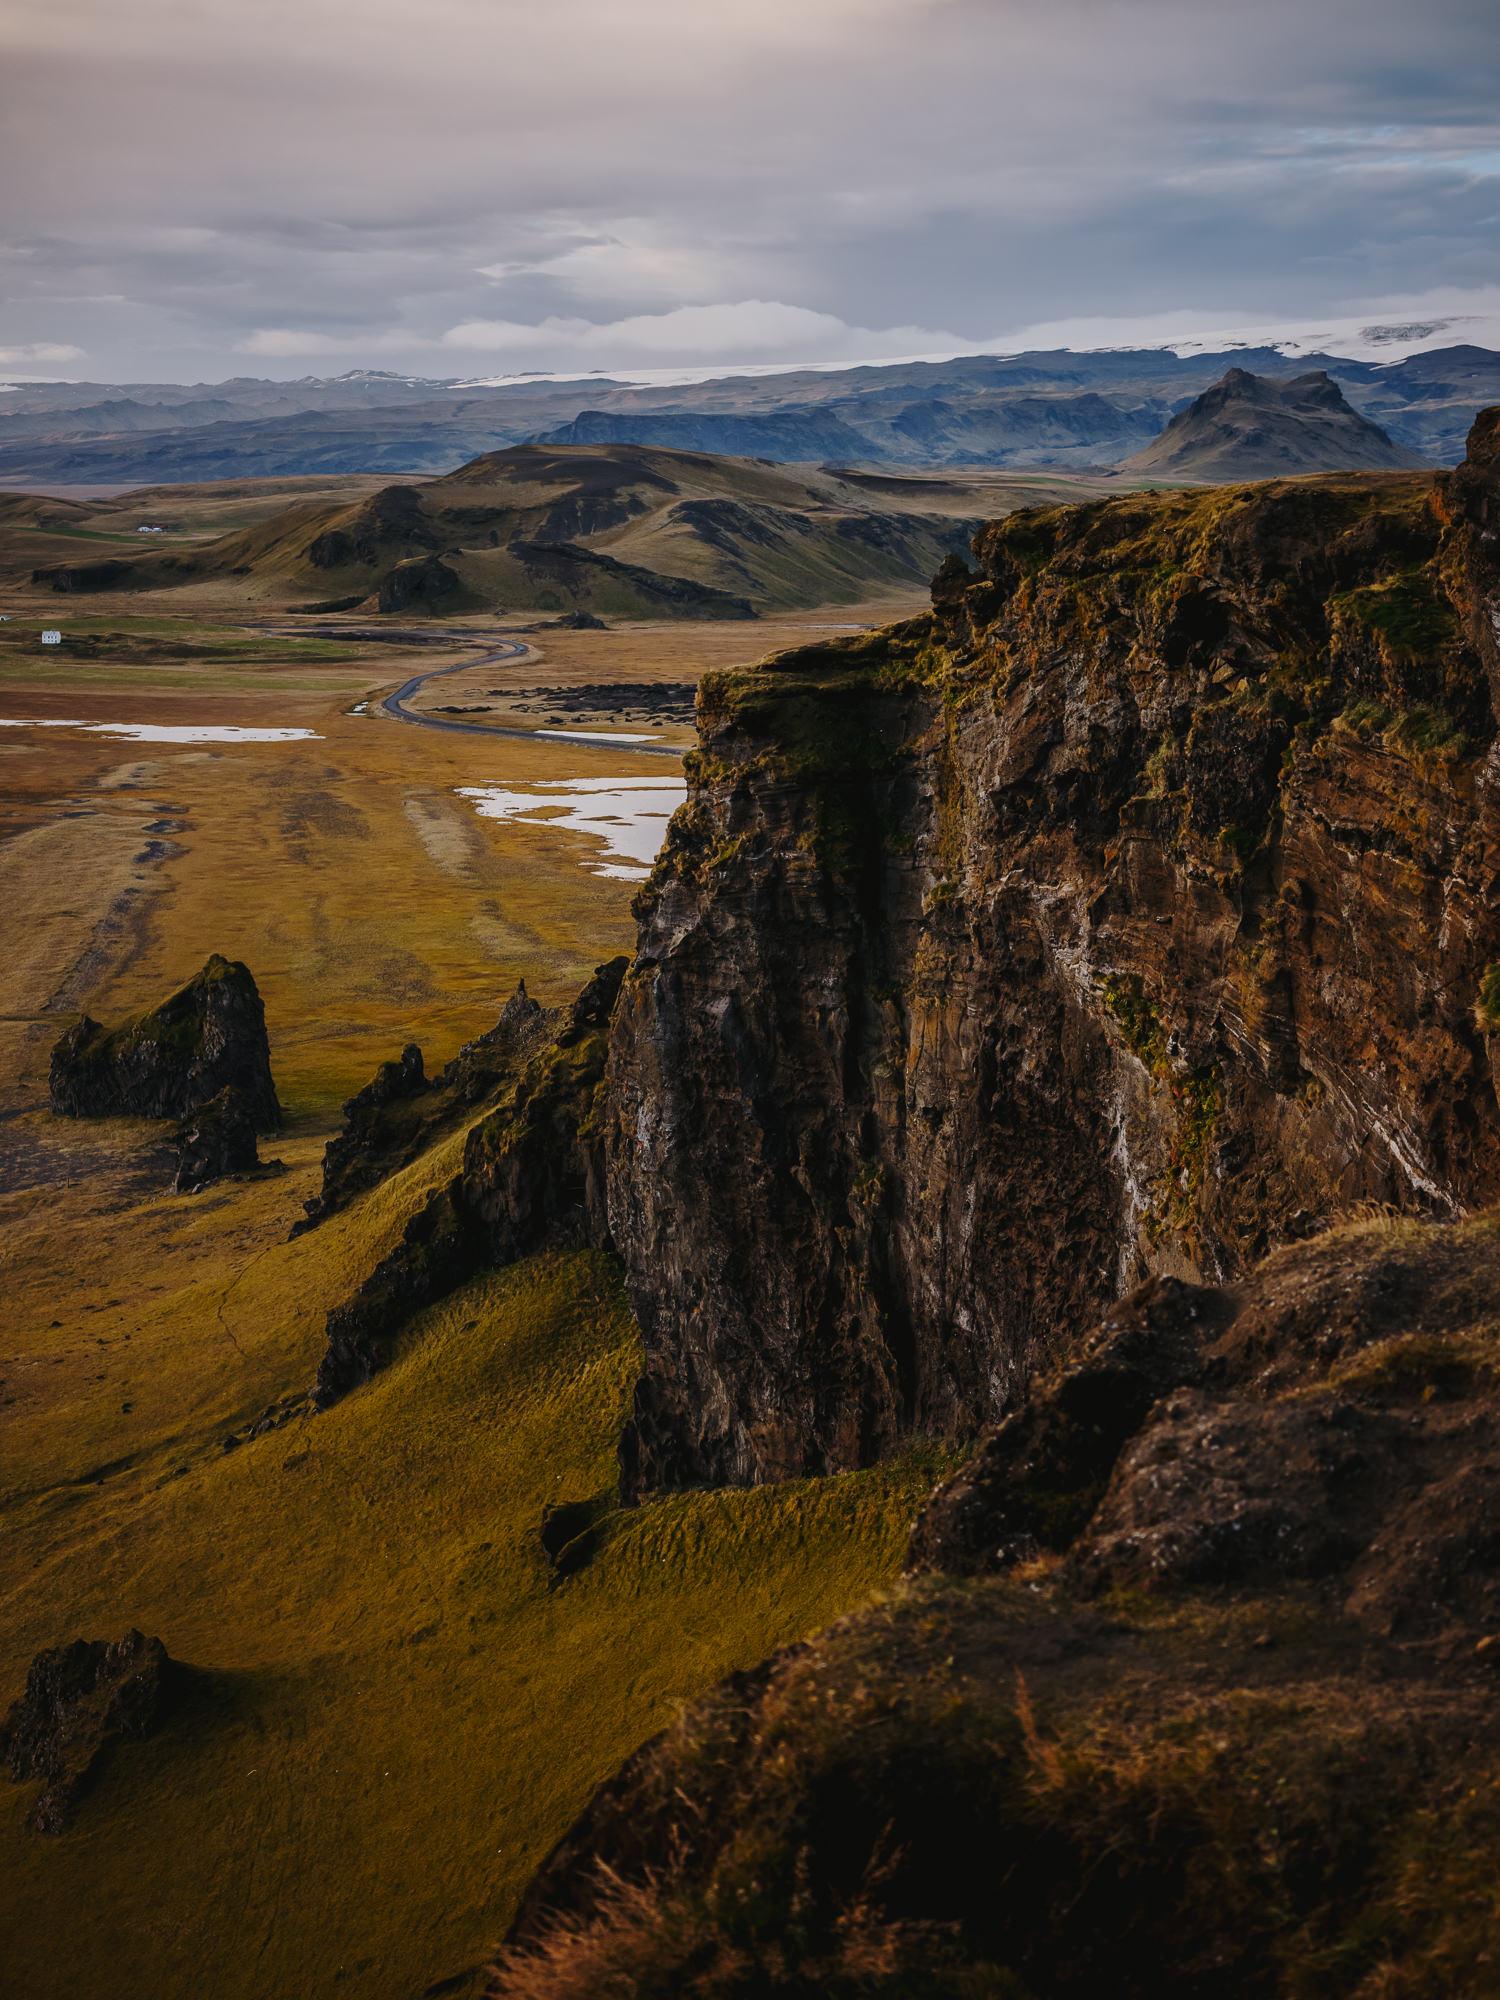 iceland.vik.reykjavik.elopement.©2018mileswittboyer-35.jpg